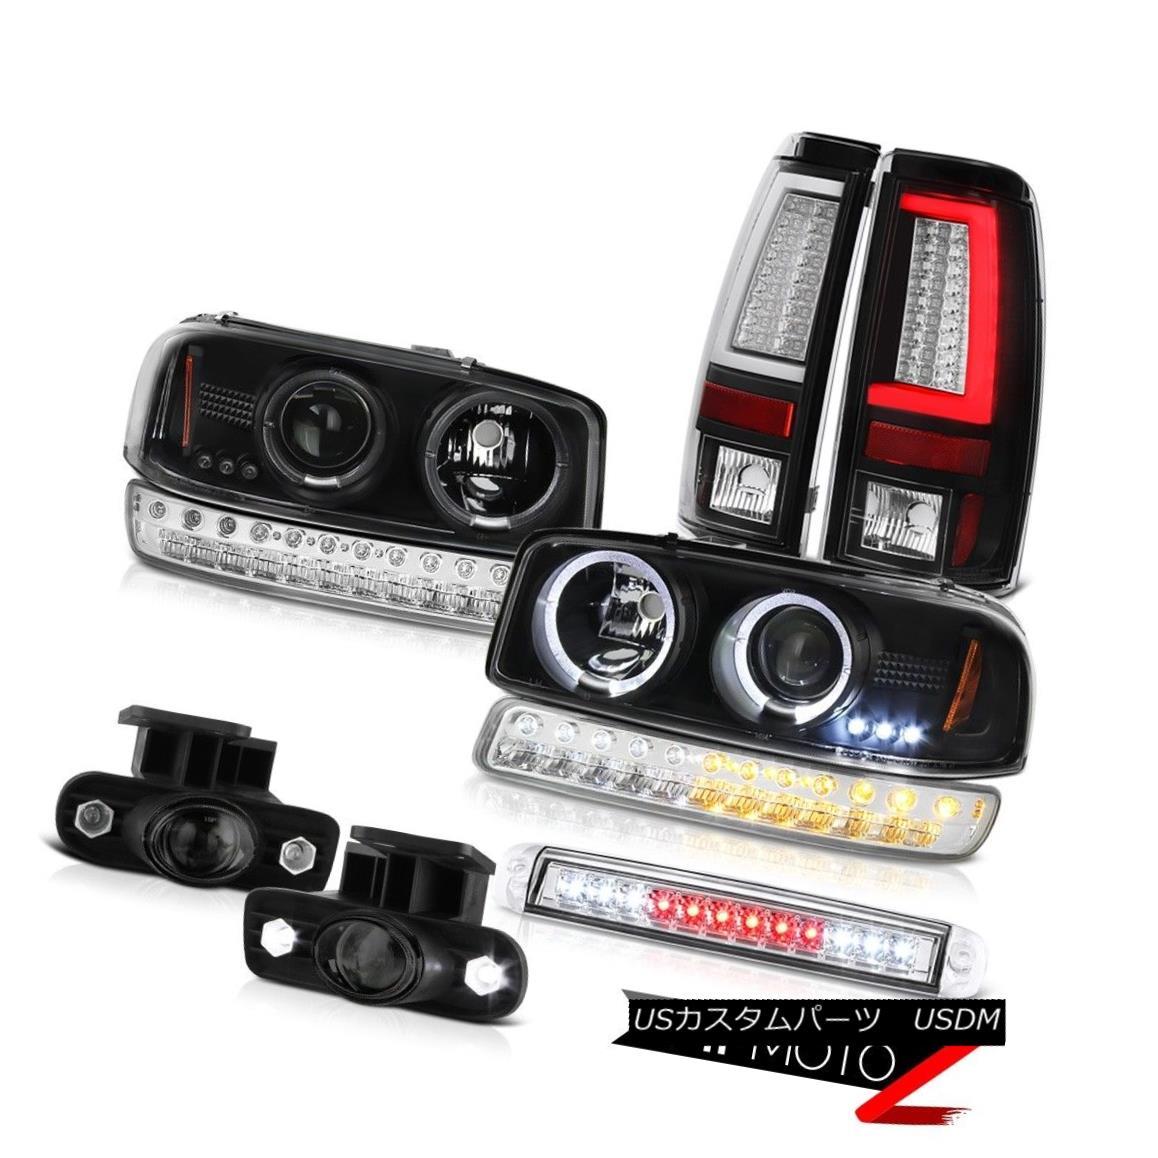 ヘッドライト 99-02 Sierra SLt Tail Lights Roof Cab Lamp Fog Lamps Signal Light Headlights LED 99-02 Sierra SLtテールライトルーフキャブランプフォグランプ信号ライトヘッドライトLED